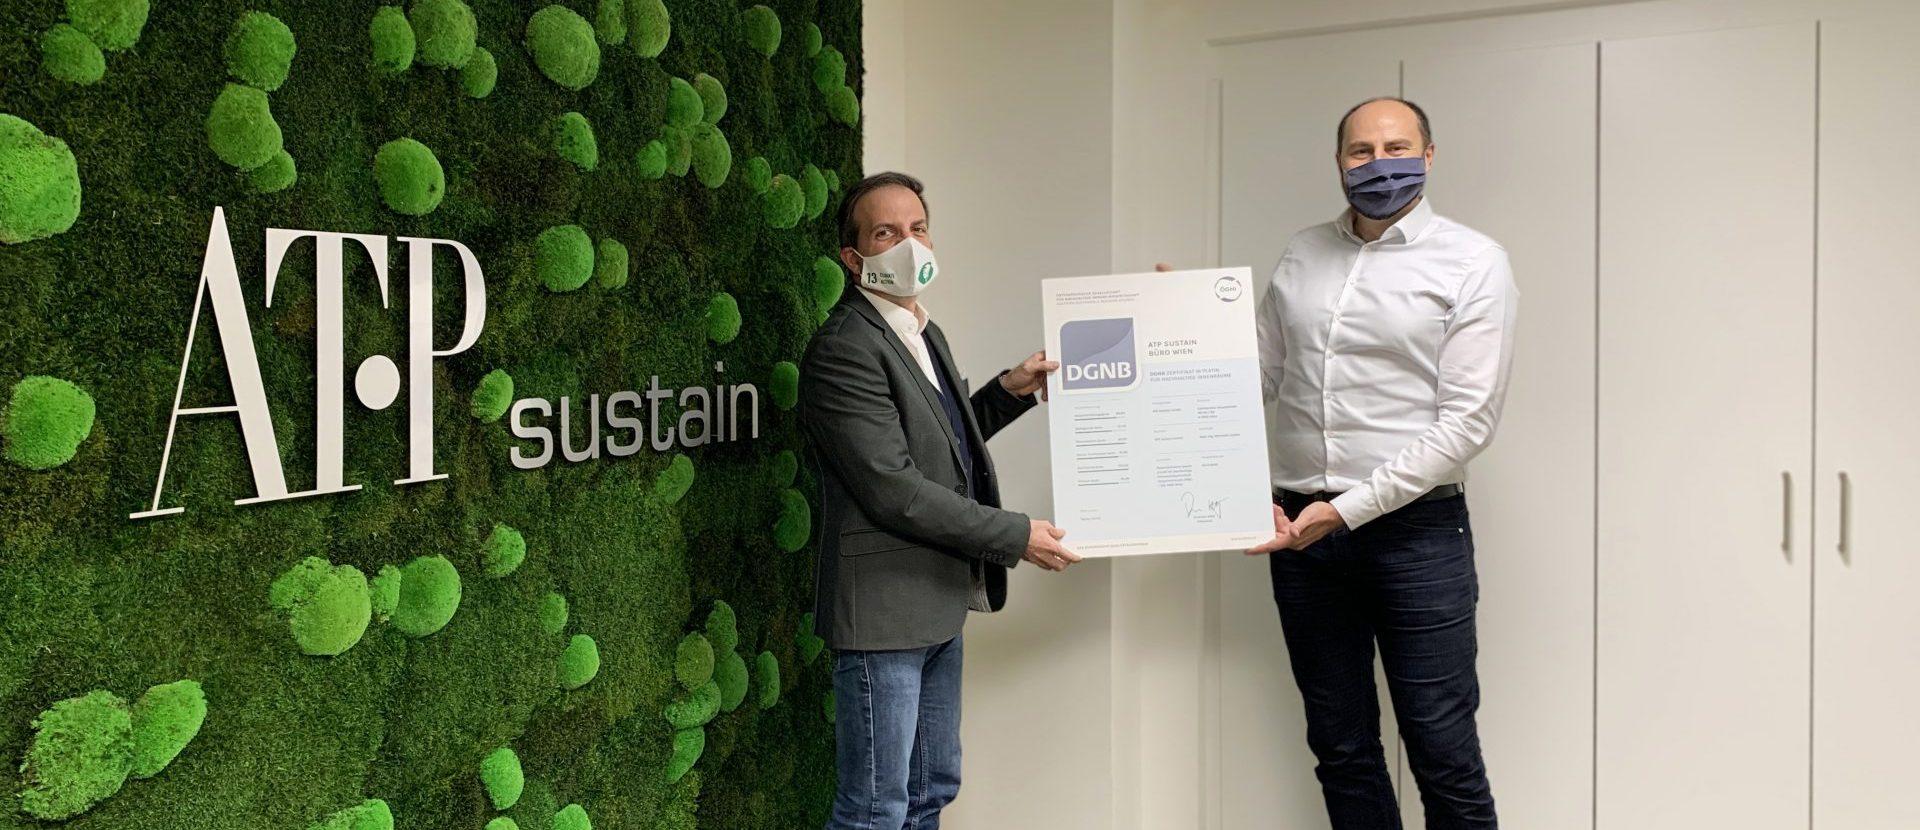 ATPsustain Büro Wien erhält ÖGNI Platin